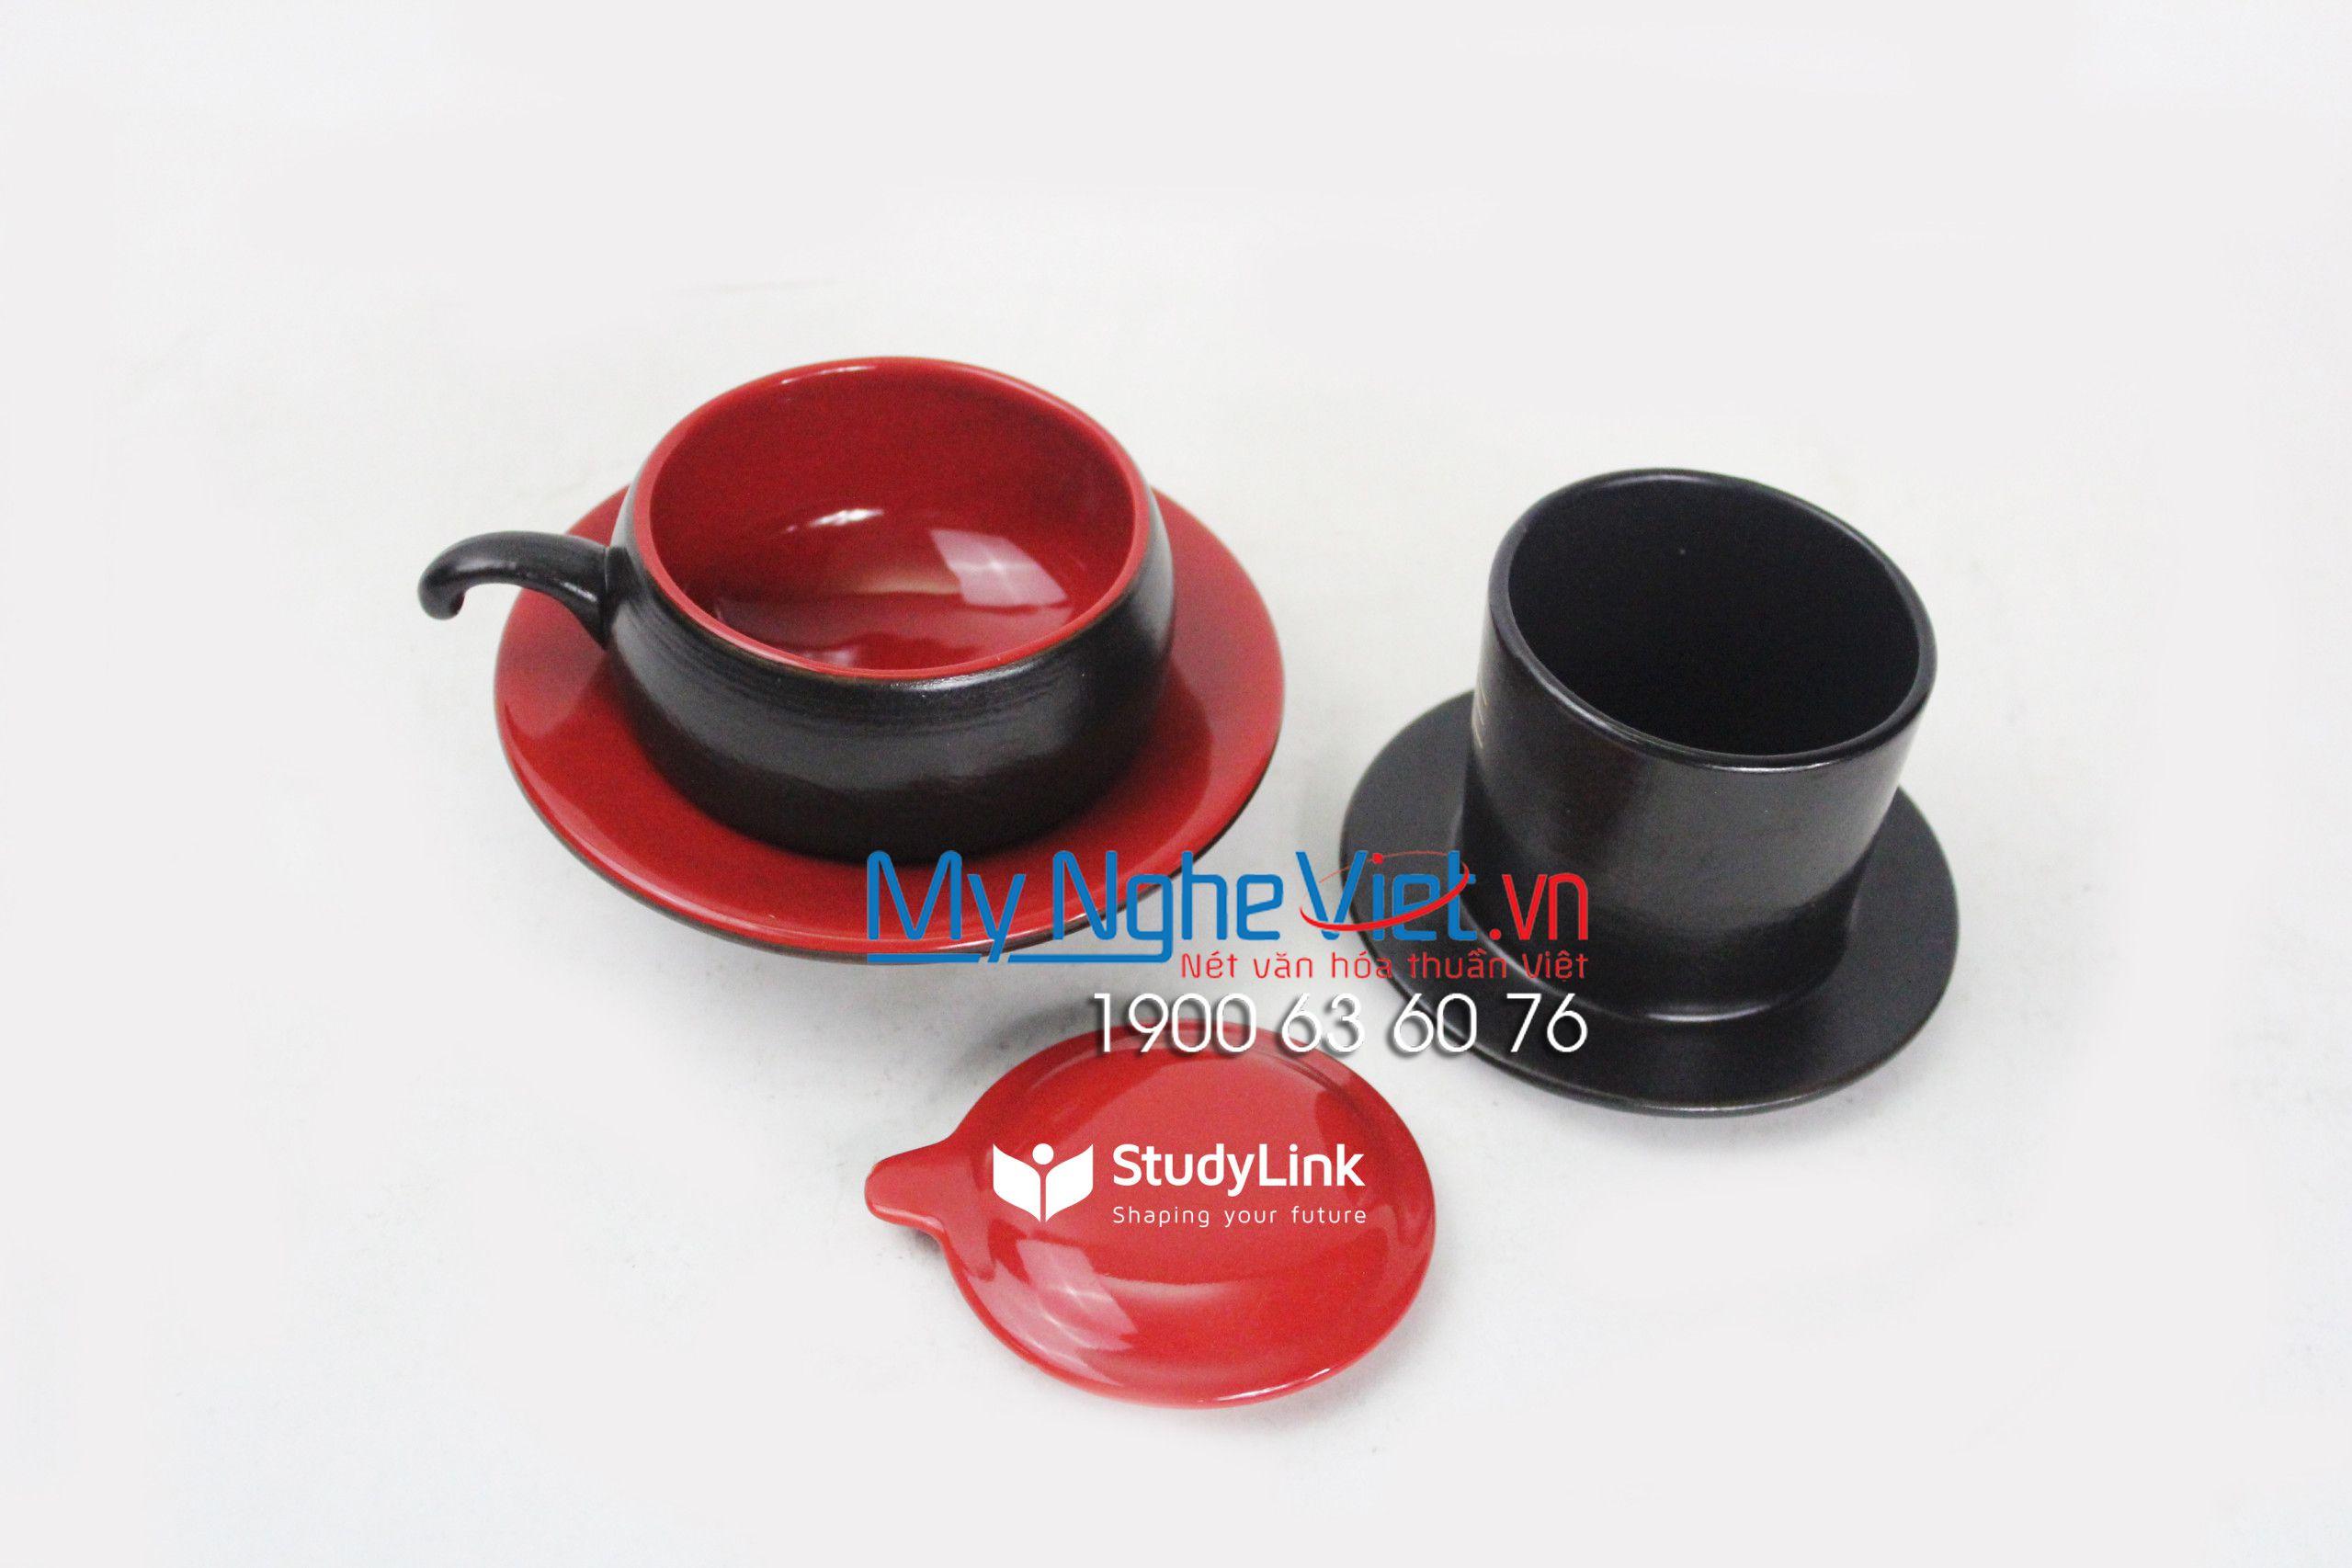 Phin cafe gốm thấp màu đỏ Bitex